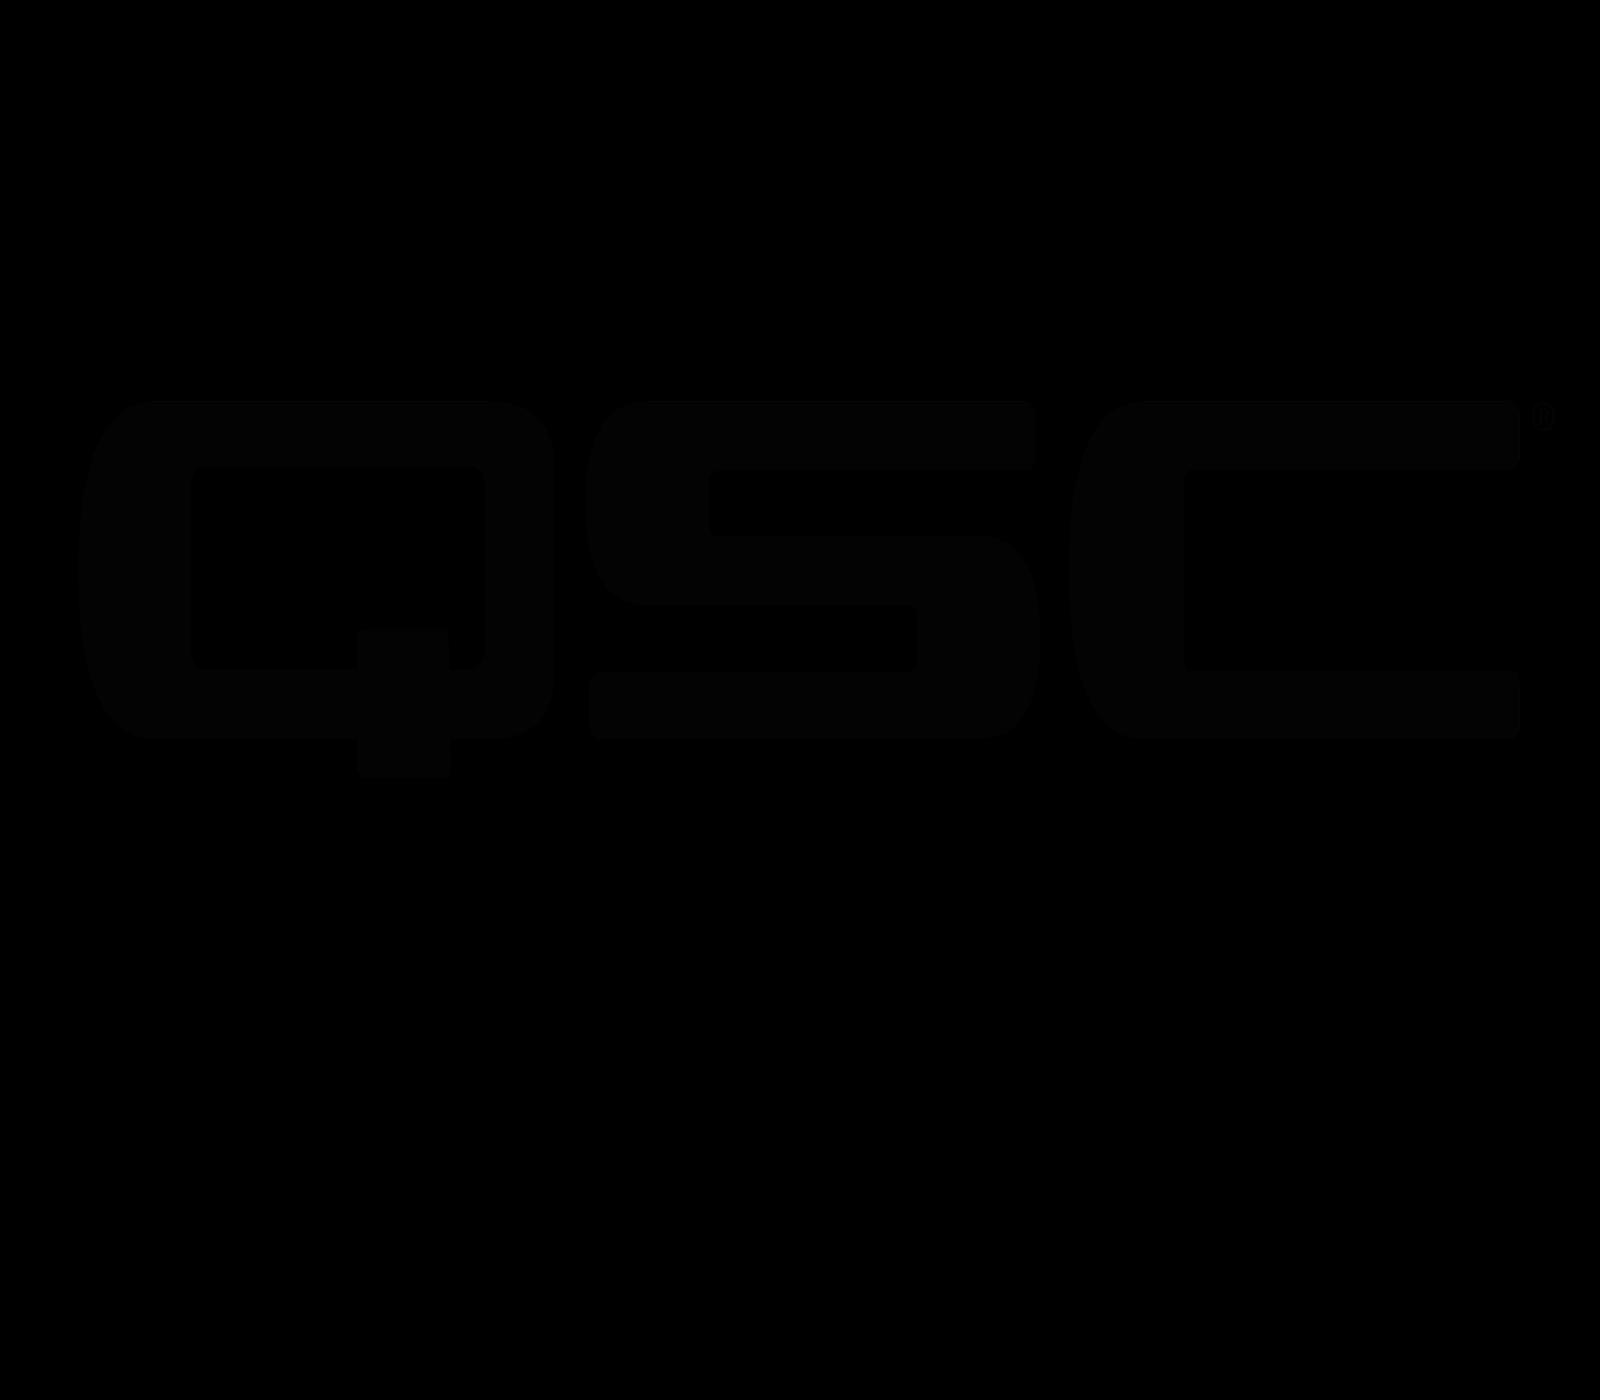 QSC logo 1600x1400